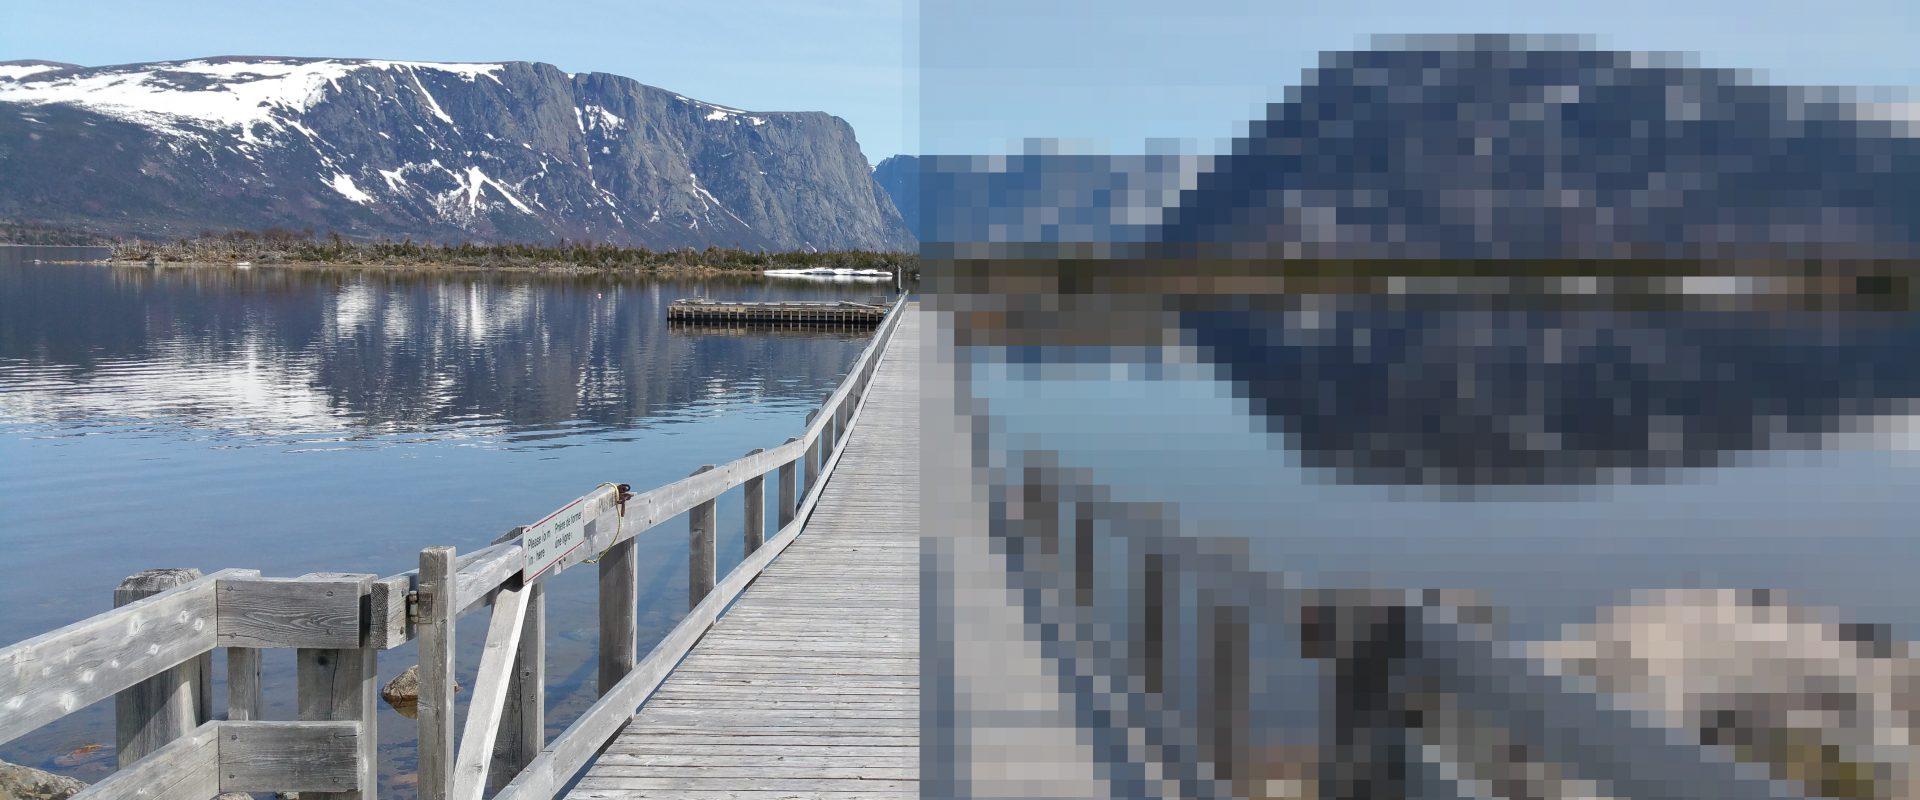 Optimización de imágenes | dinahosting